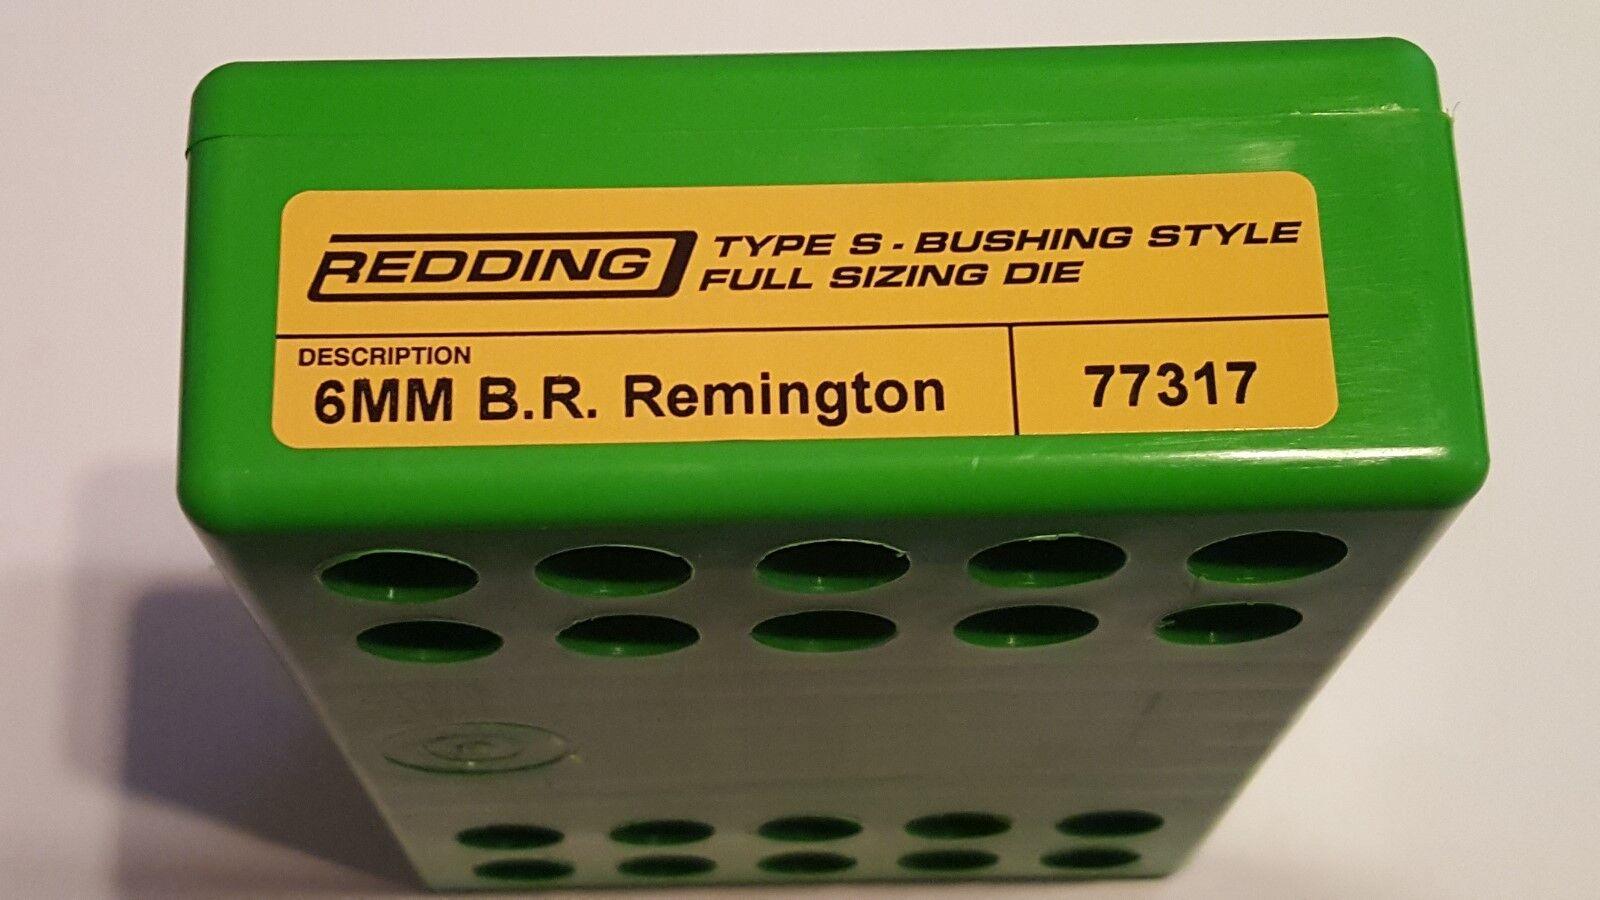 77317 rojoDING Tipo S Buje De Longitud Completa De Tamaño Die - 6MM BR REMINGTON-Nuevo